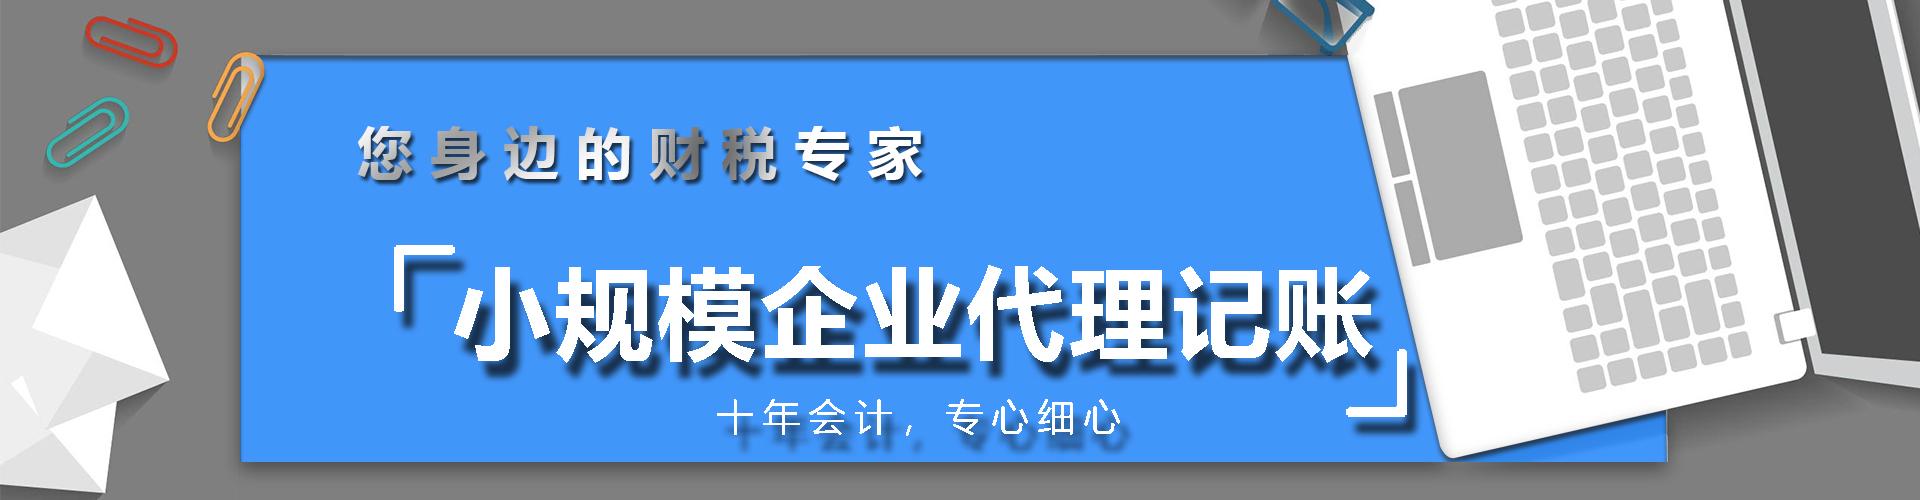 城阳工商注册